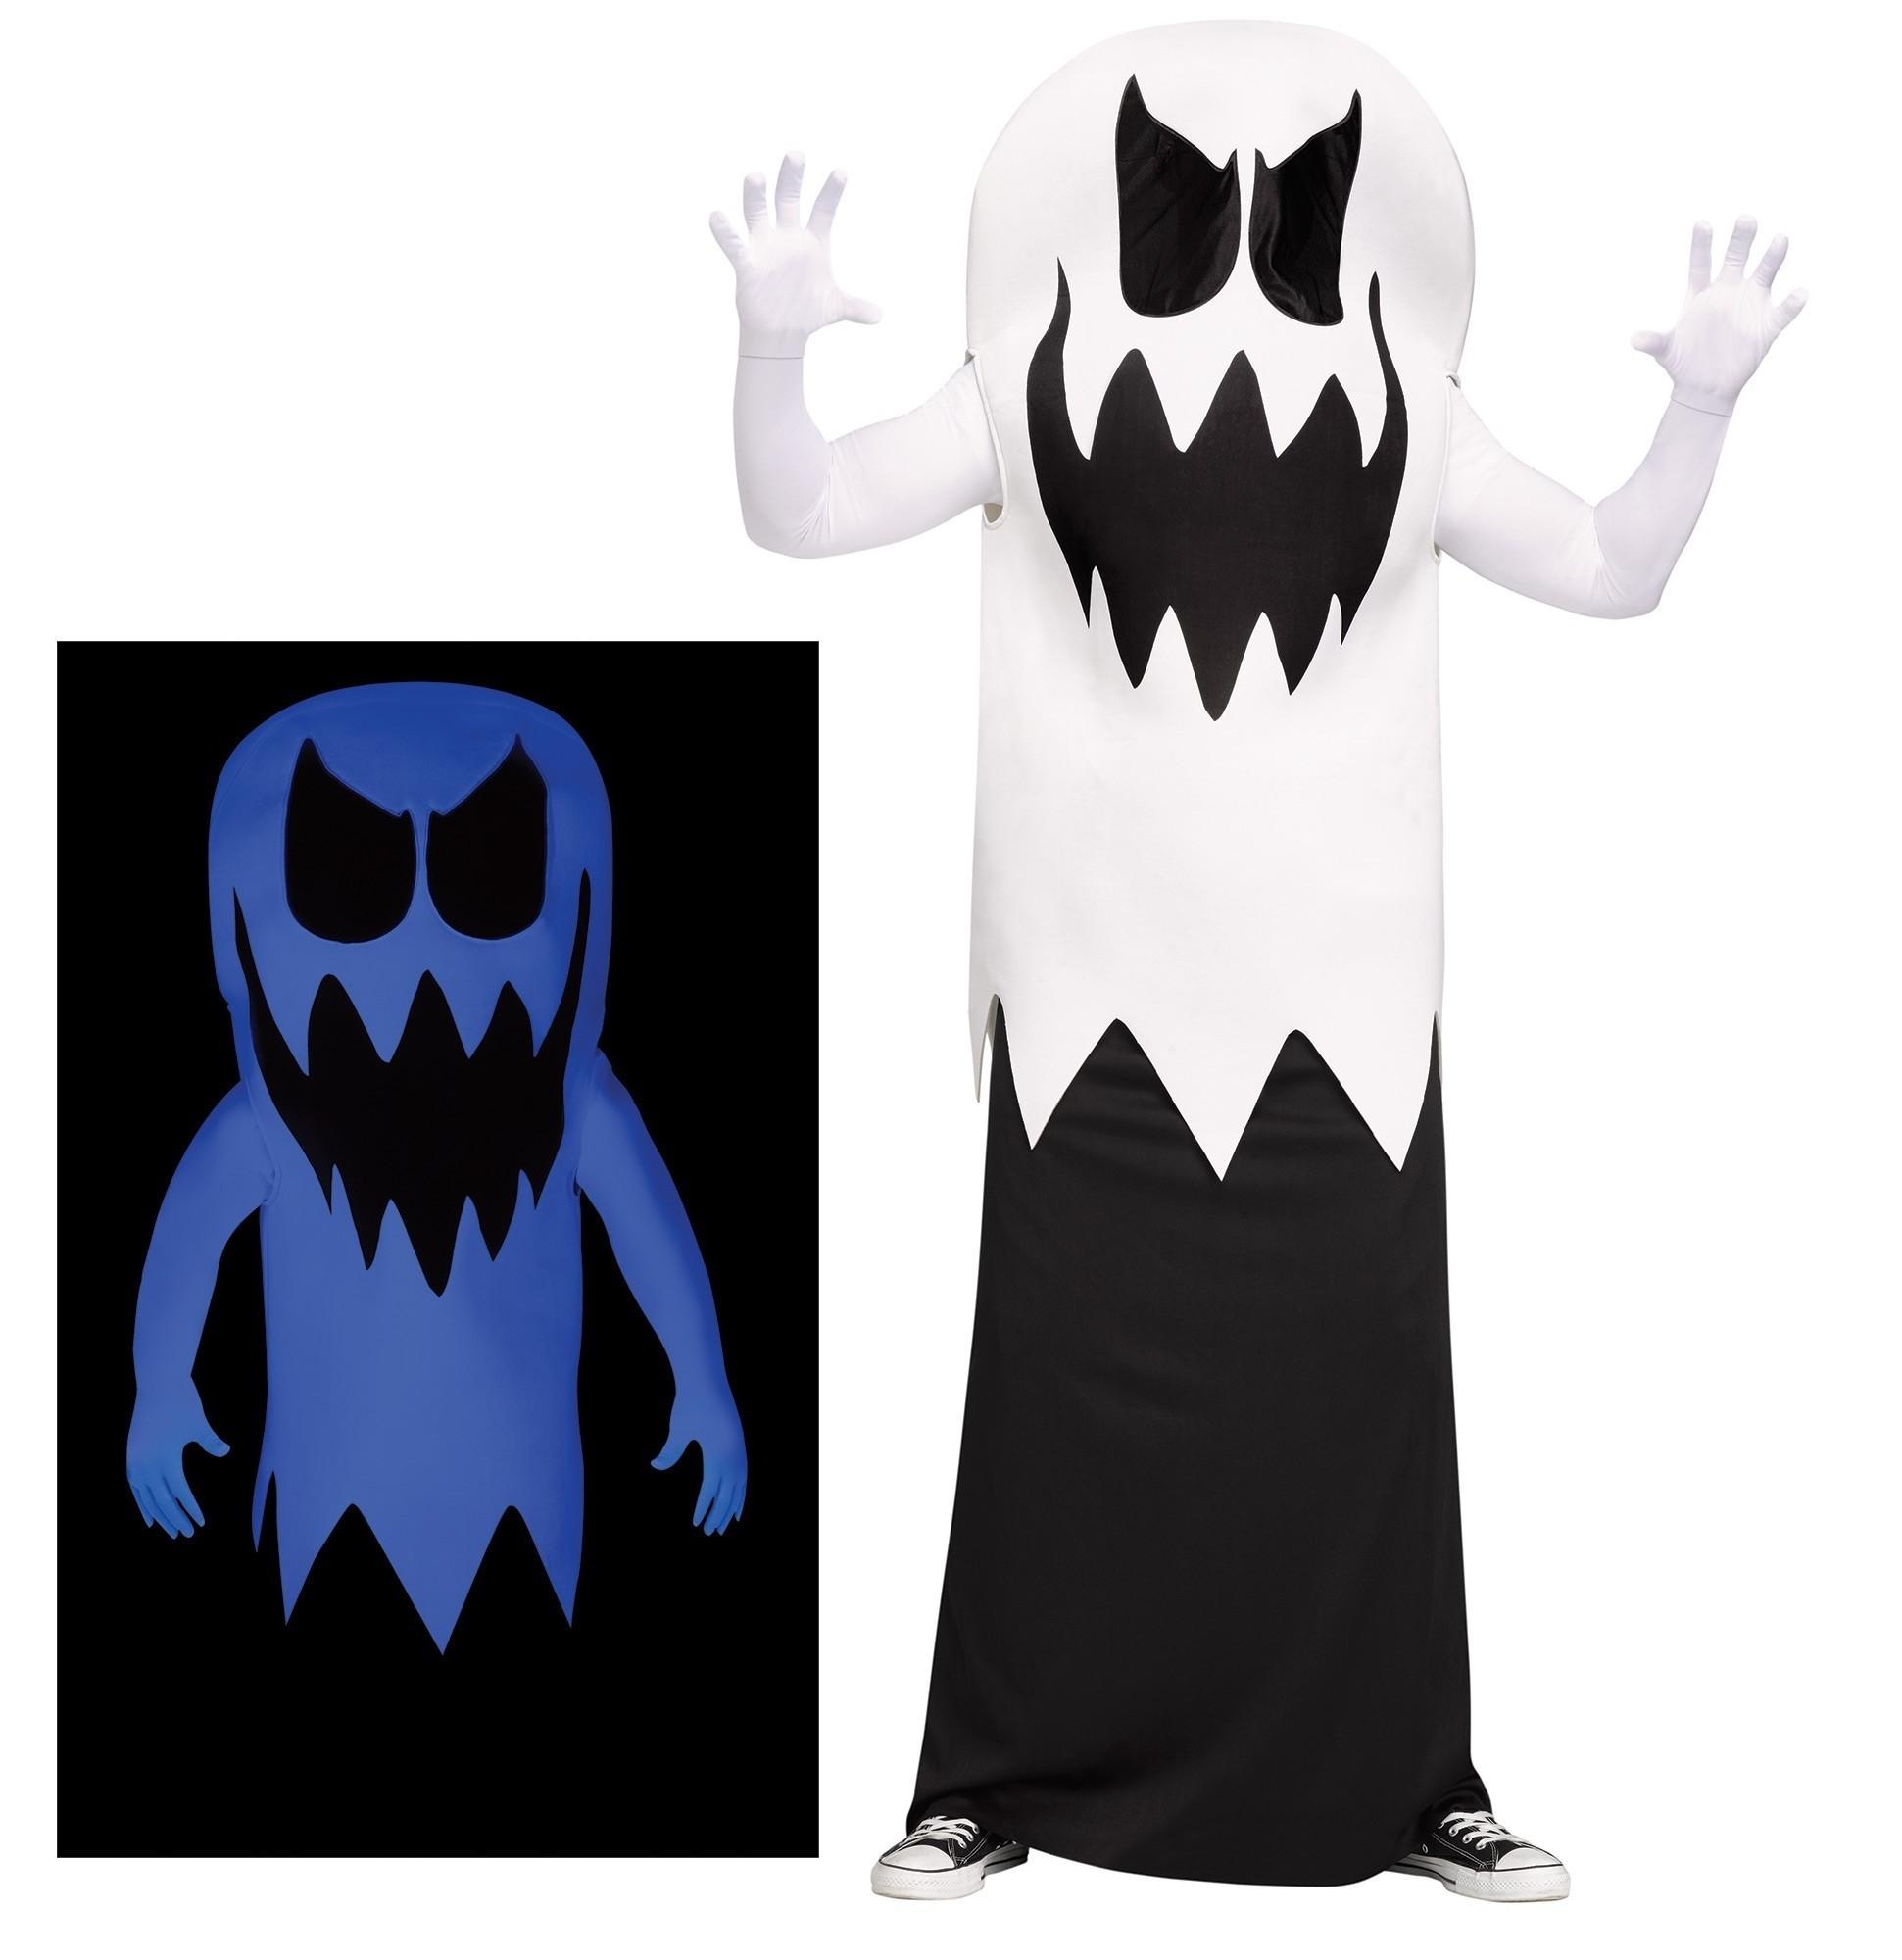 Светящийся костюм привидения (56) купить юбку coast плесе длинную